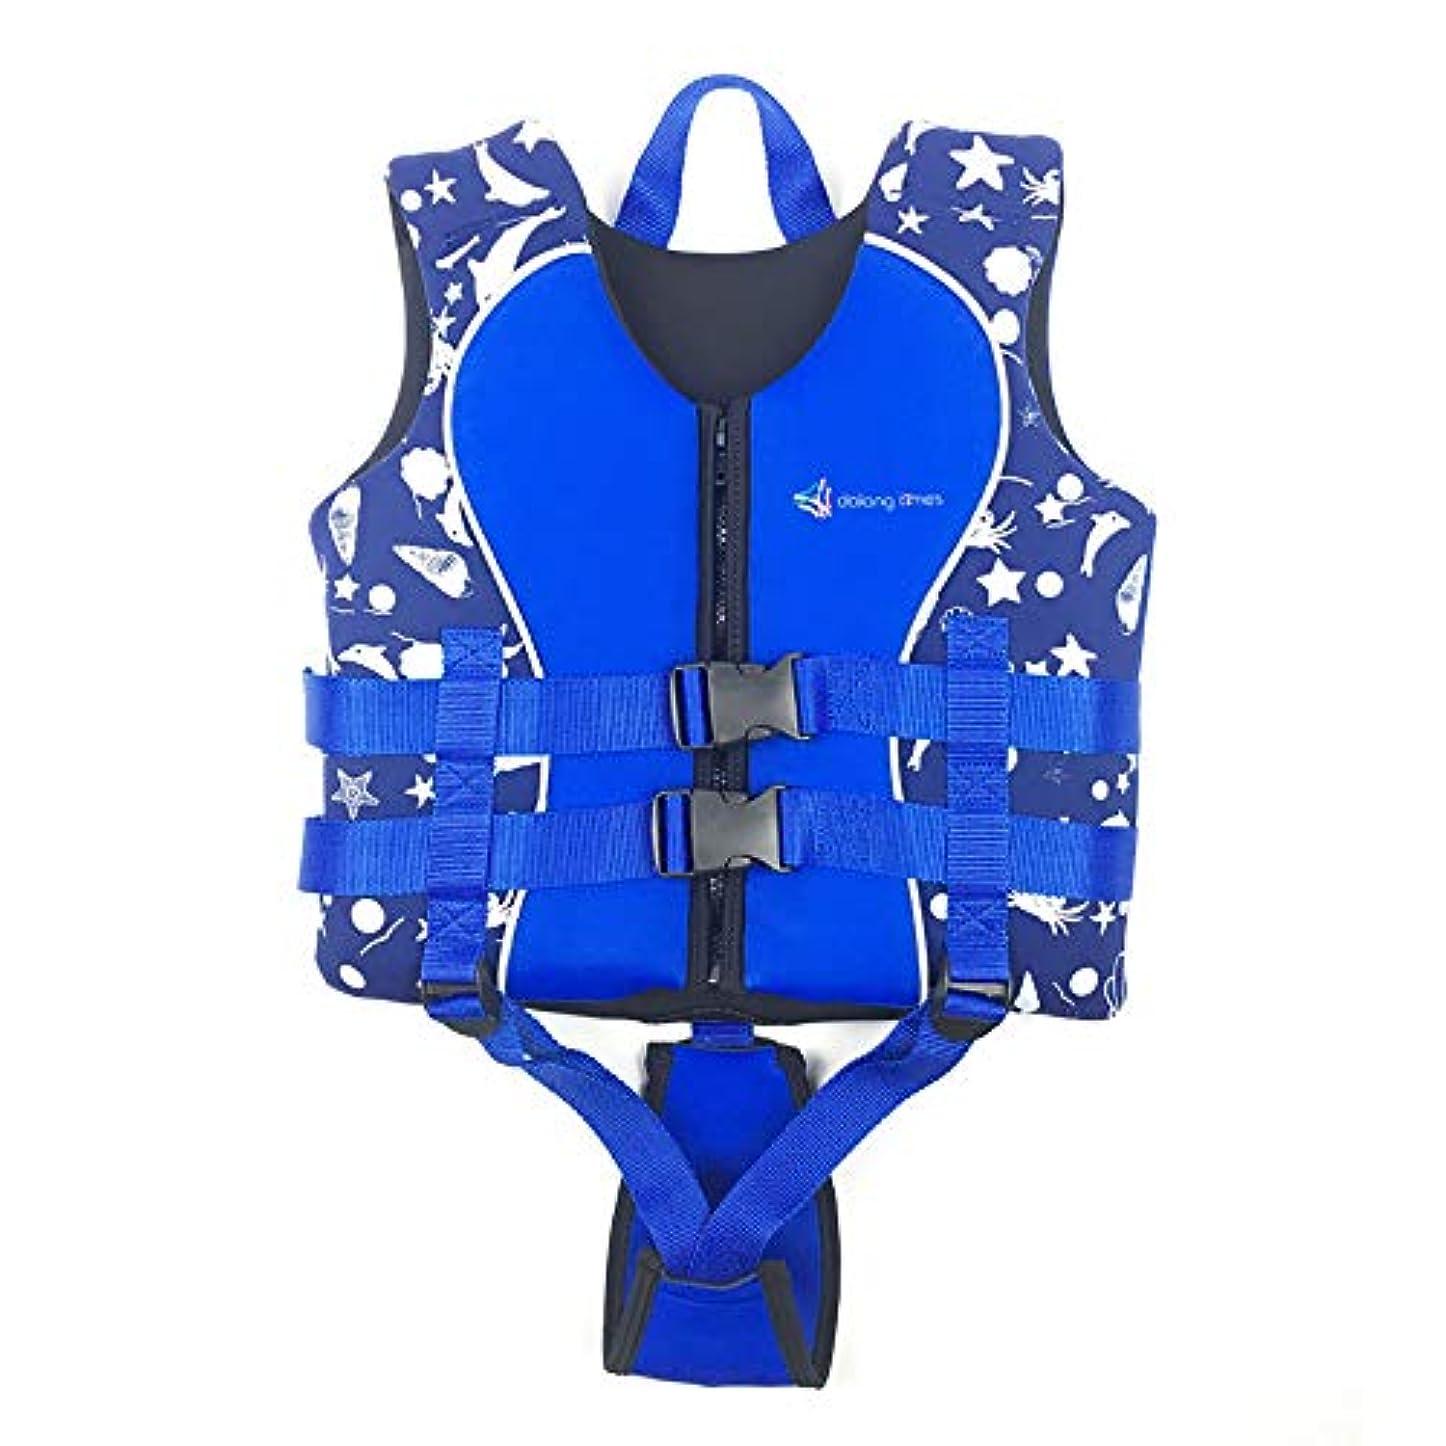 生むロゴコンソール(キュミオ) QeMIO ライフジャケット 子供用 フローティングベスト フィッシングベスト 救命胴衣 プール 釣り 調整可能 反射材 川遊び 釣り ボート 海水浴